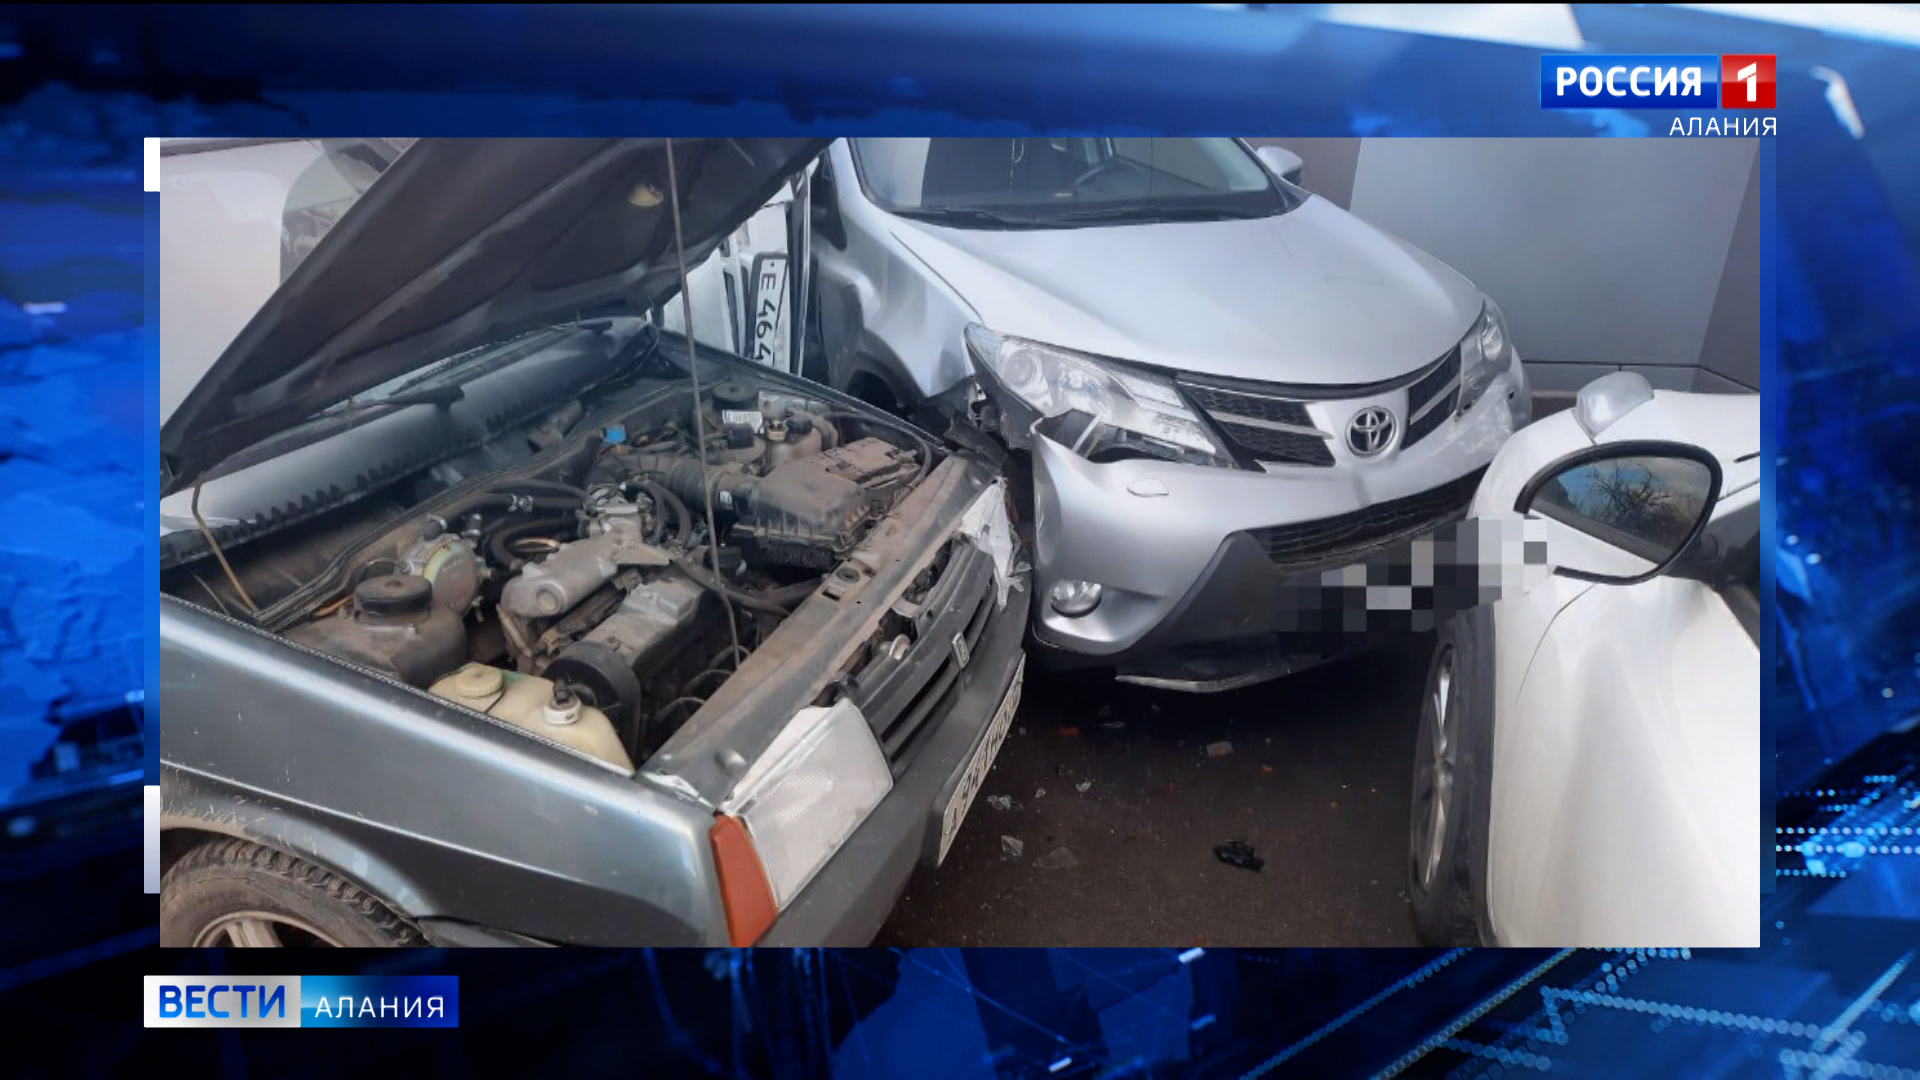 Во Владикавказе произошло ДТП с участием пяти автомобилей